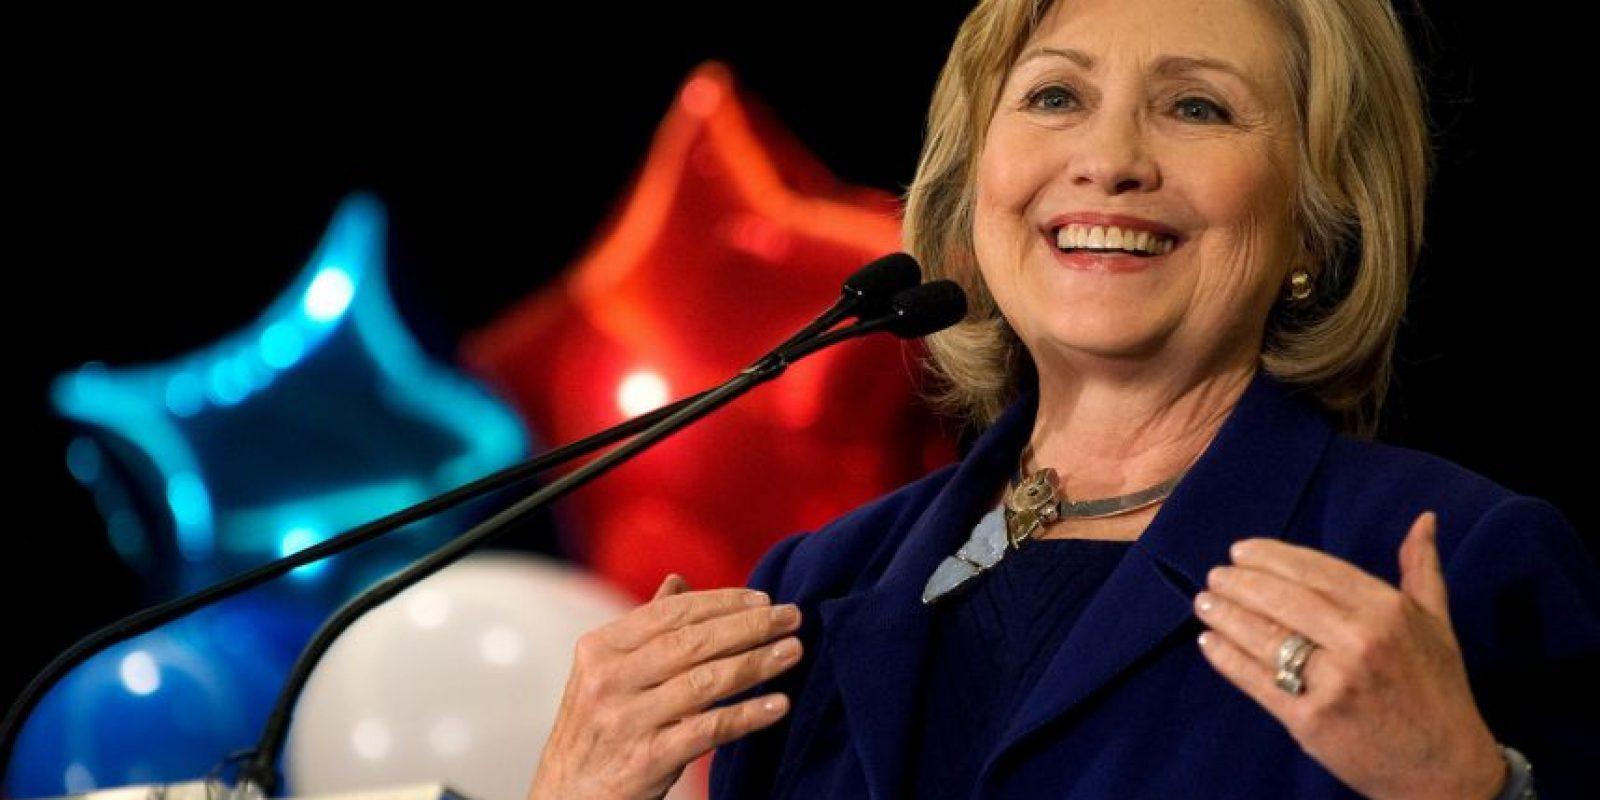 Clinton ha indicado que planea basar su campaña en el fortalecimiento de la seguridad económica para la clase media y la ampliación de las oportunidades para las familias trabajadoras. Foto:Getty Images